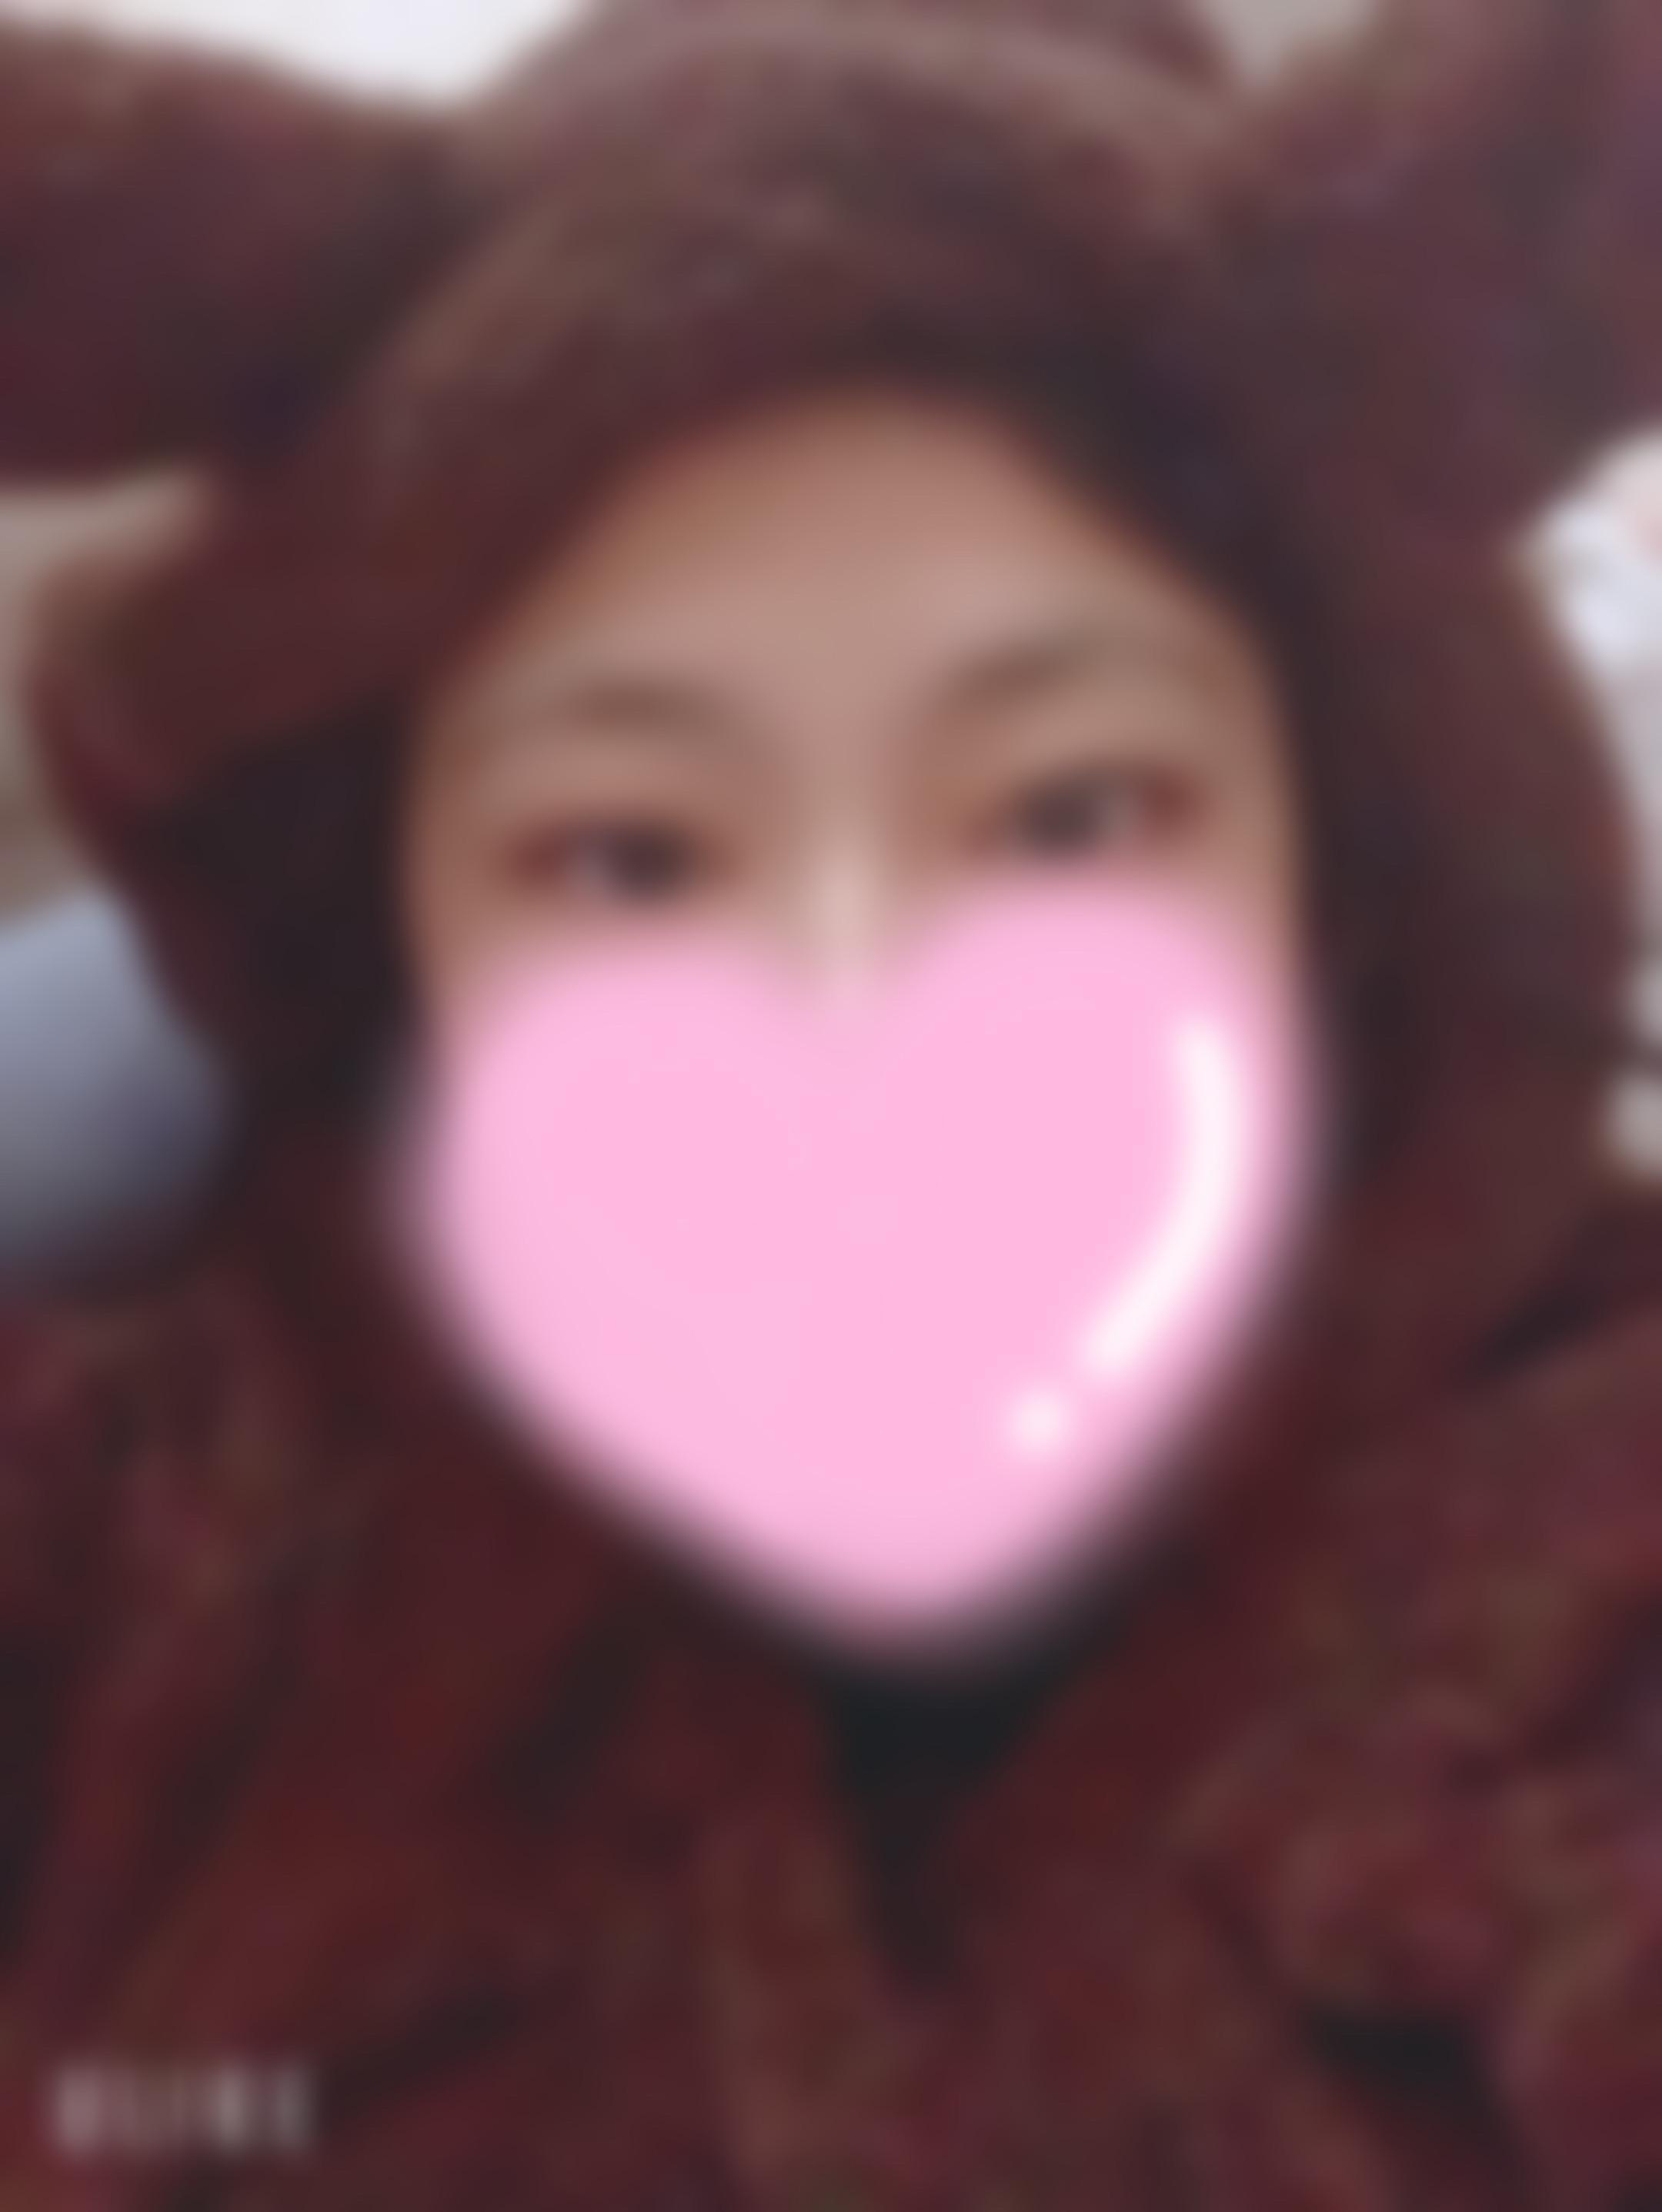 ゆゆ「雑談」10/17(木) 12:13 | ゆゆの写メ・風俗動画